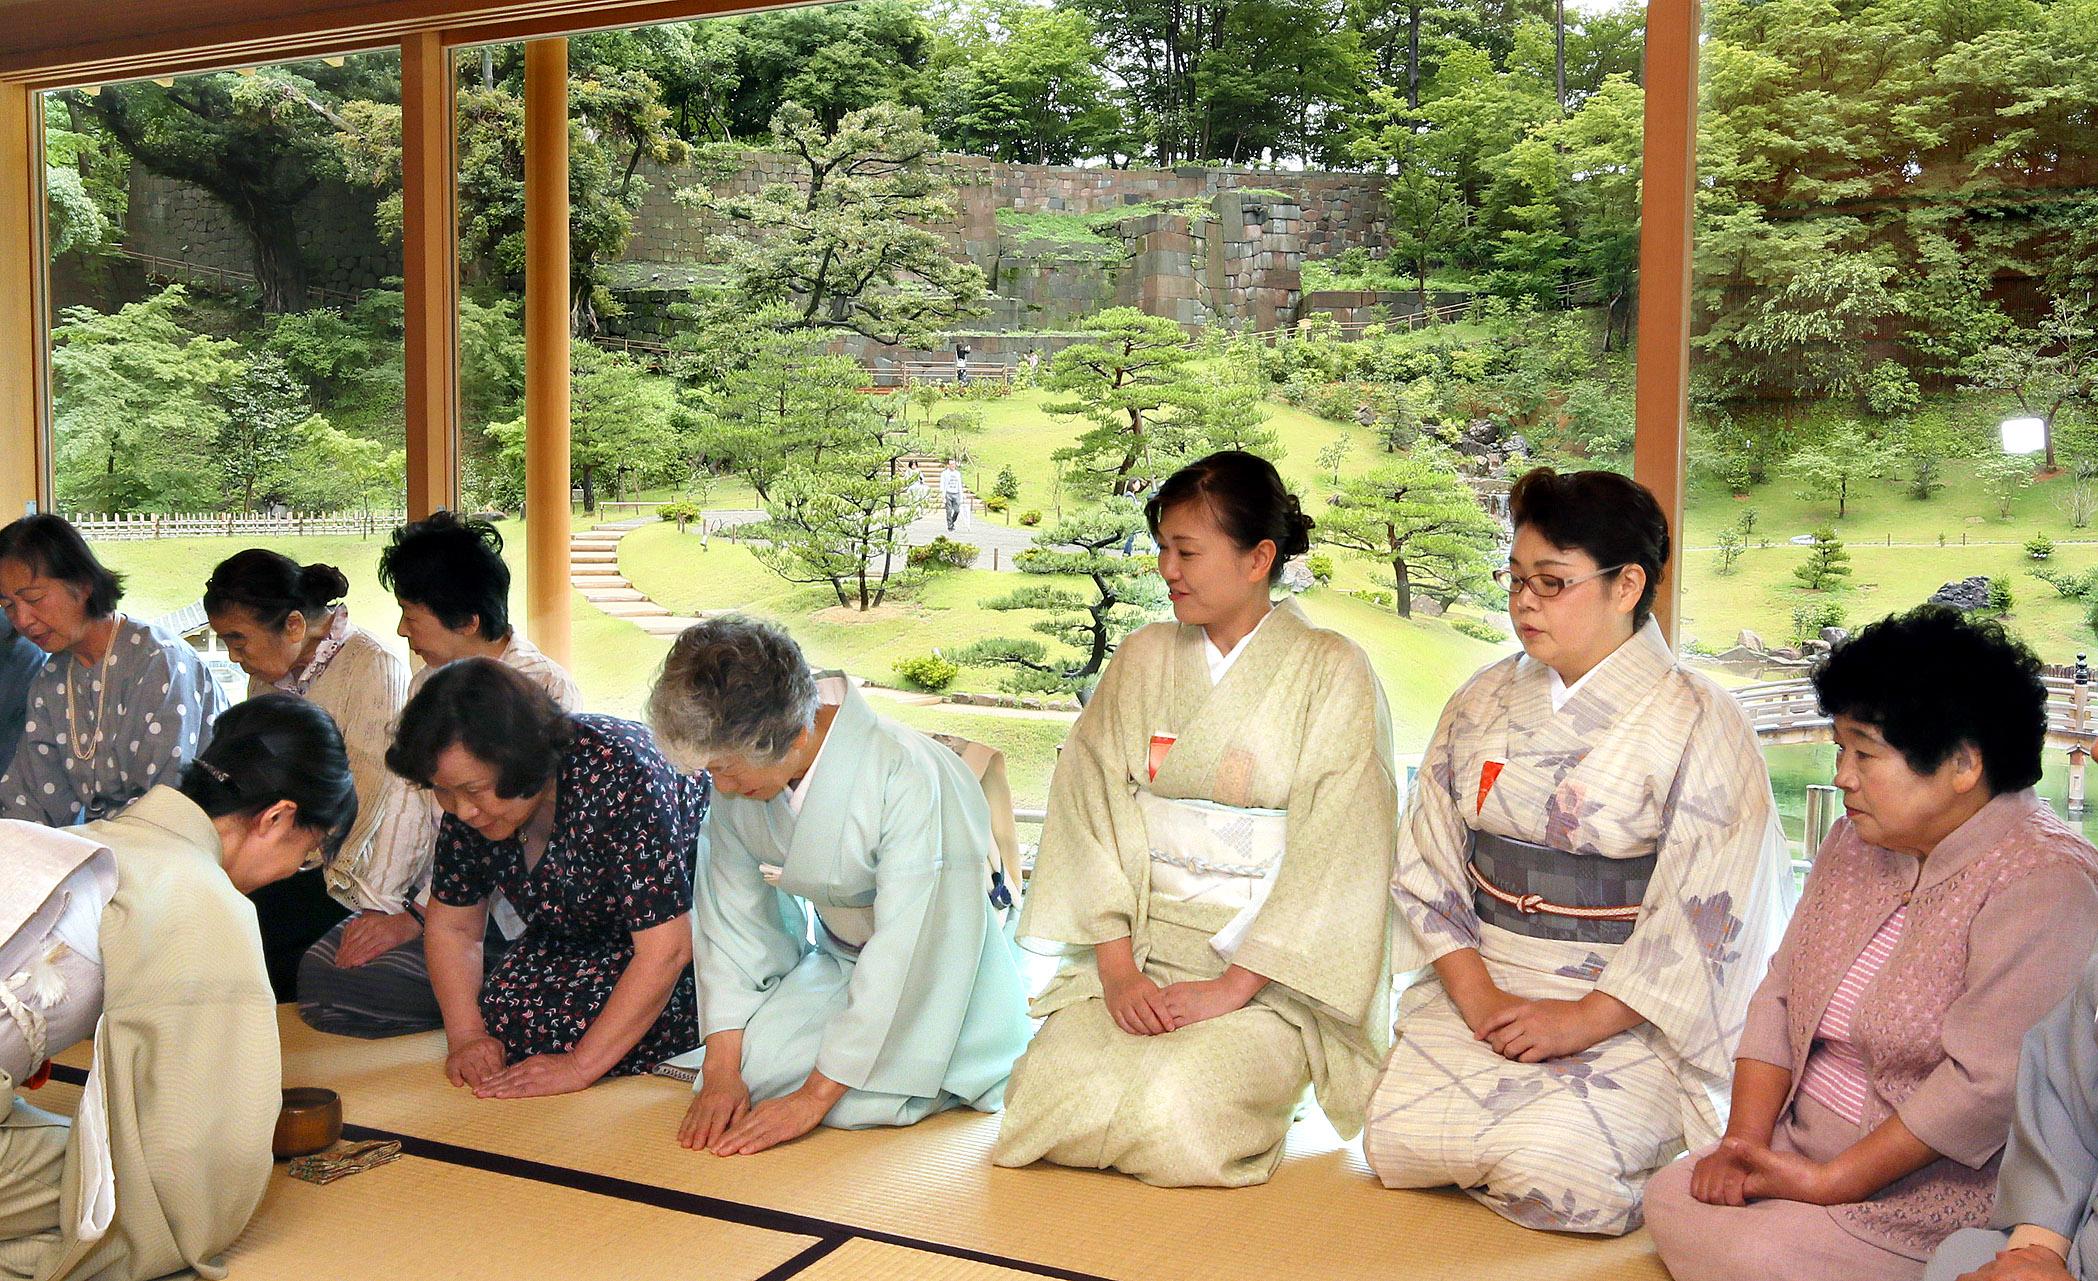 玉泉院丸庭園を眺めながら名品での一服を堪能した濃茶席=金沢城公園玉泉庵